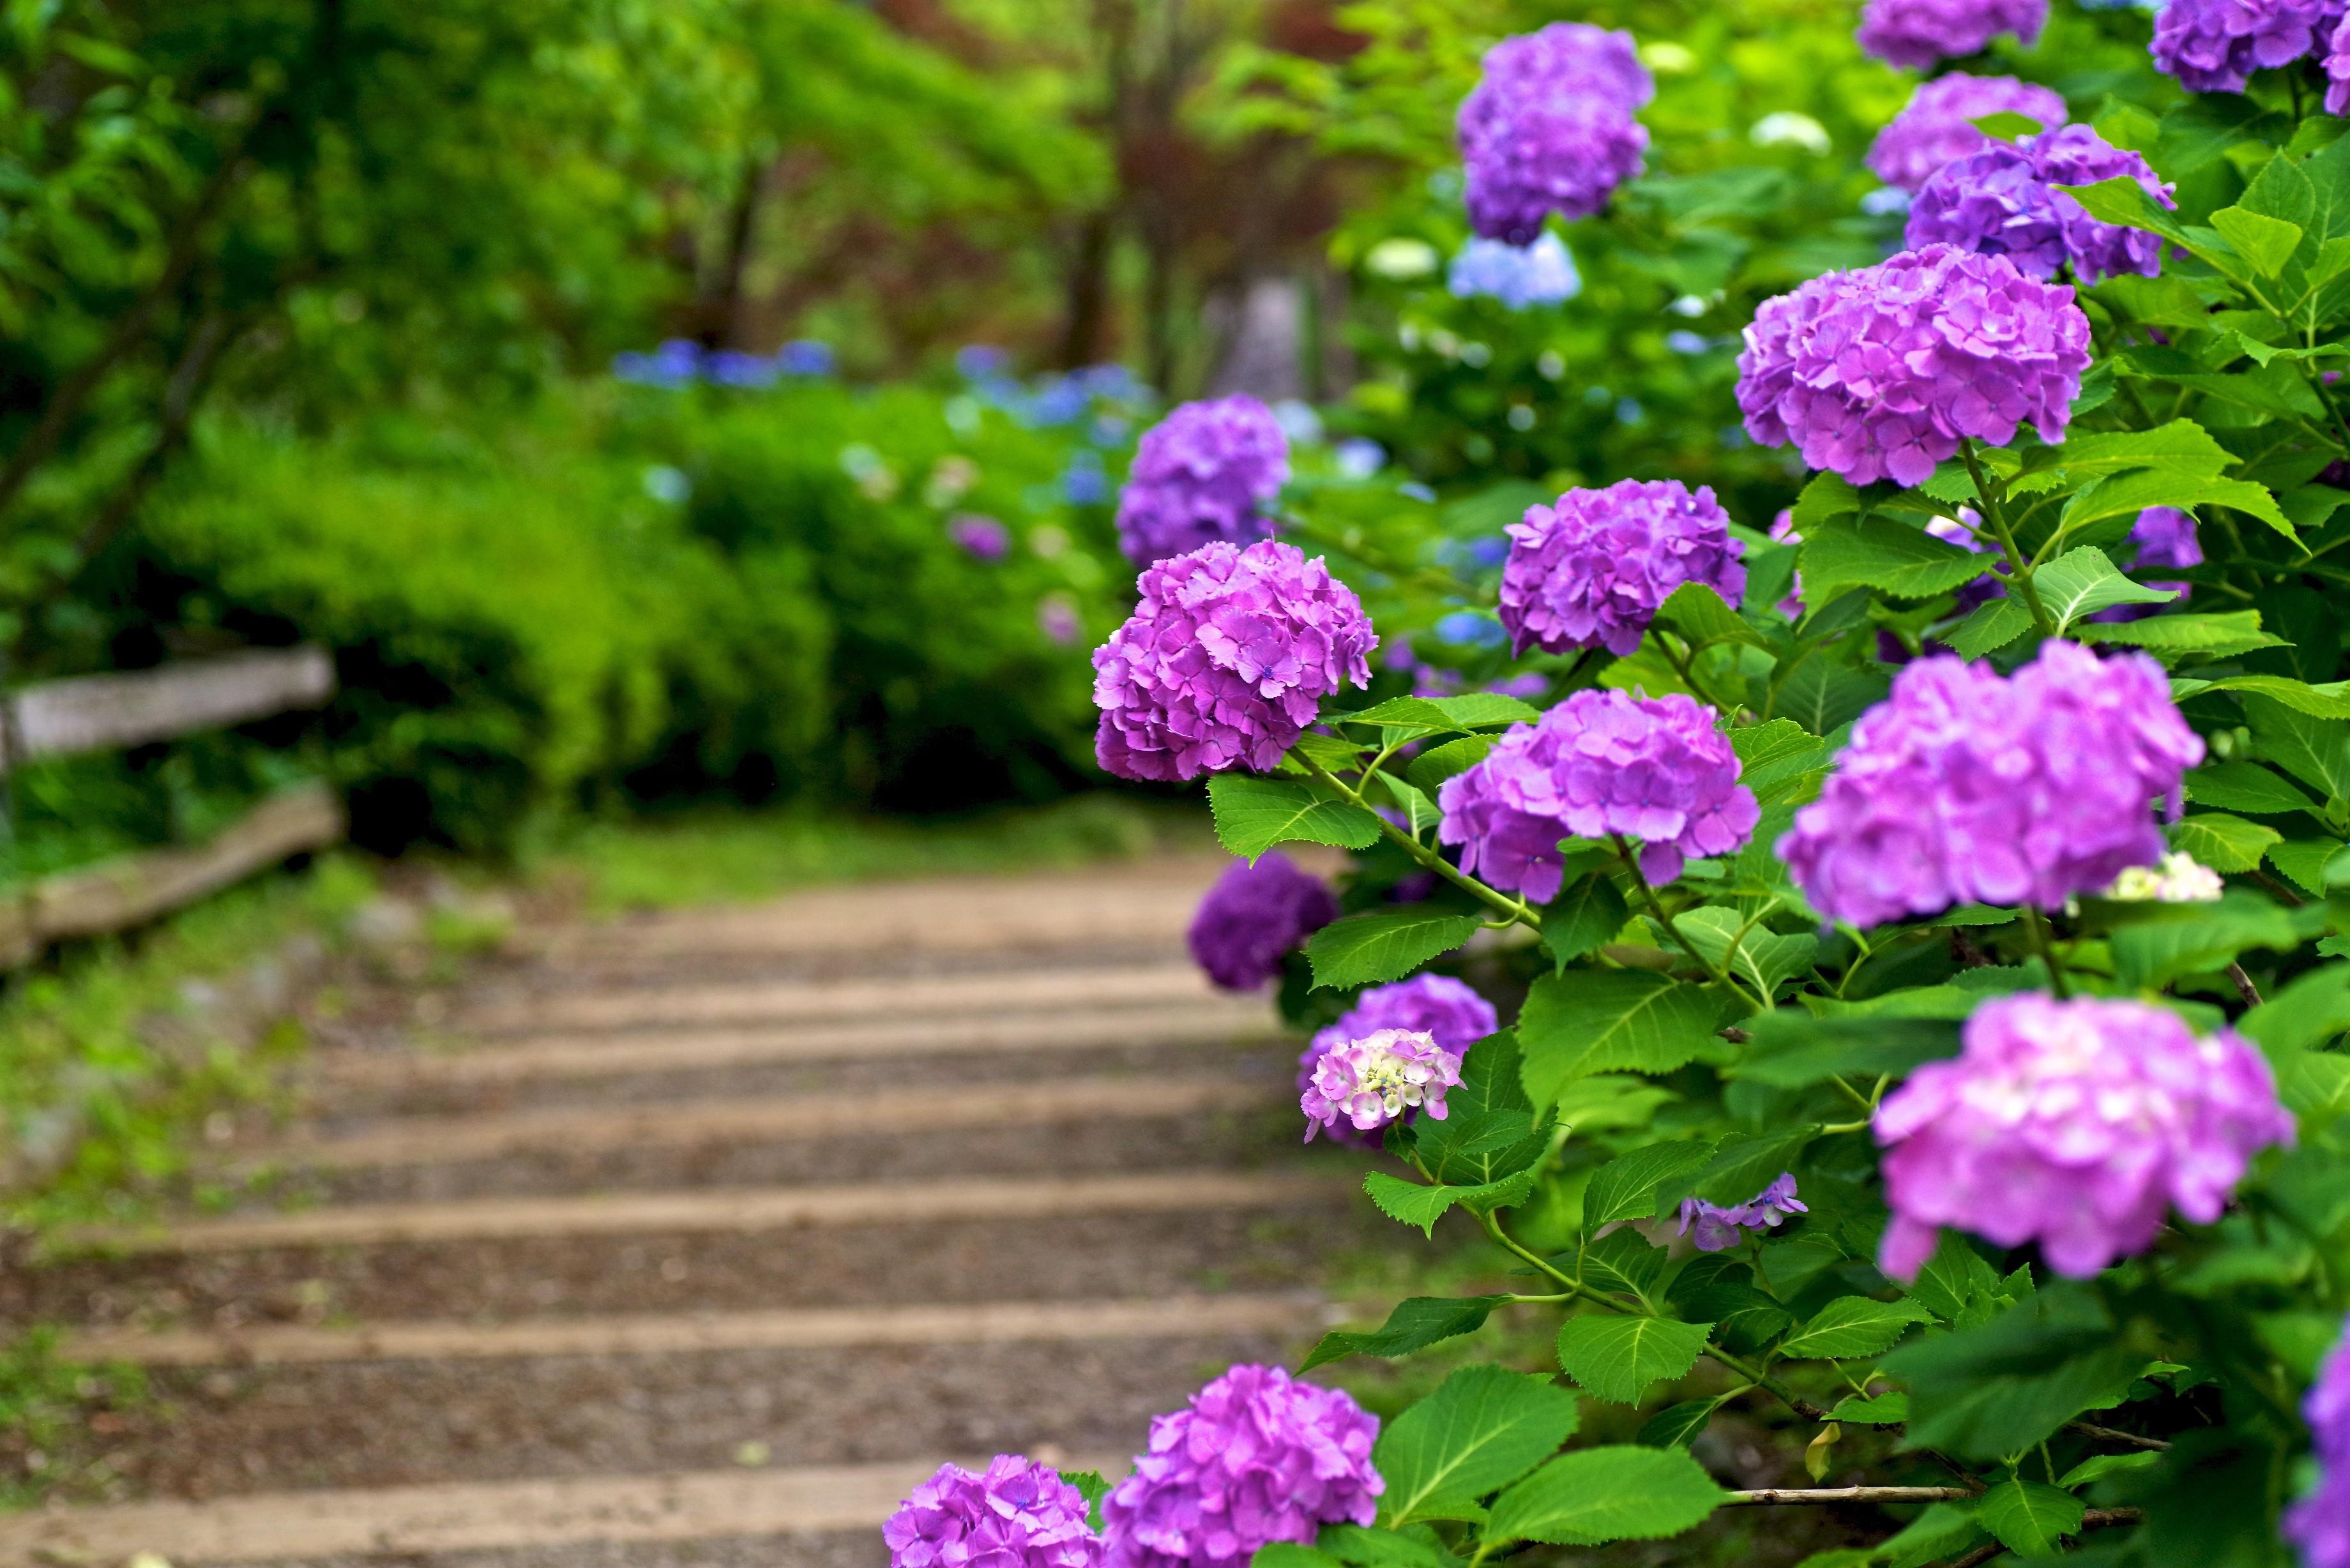 Как вырастить гортензии в саду и в квартире? – пошаговые инструкции на ydoo.info